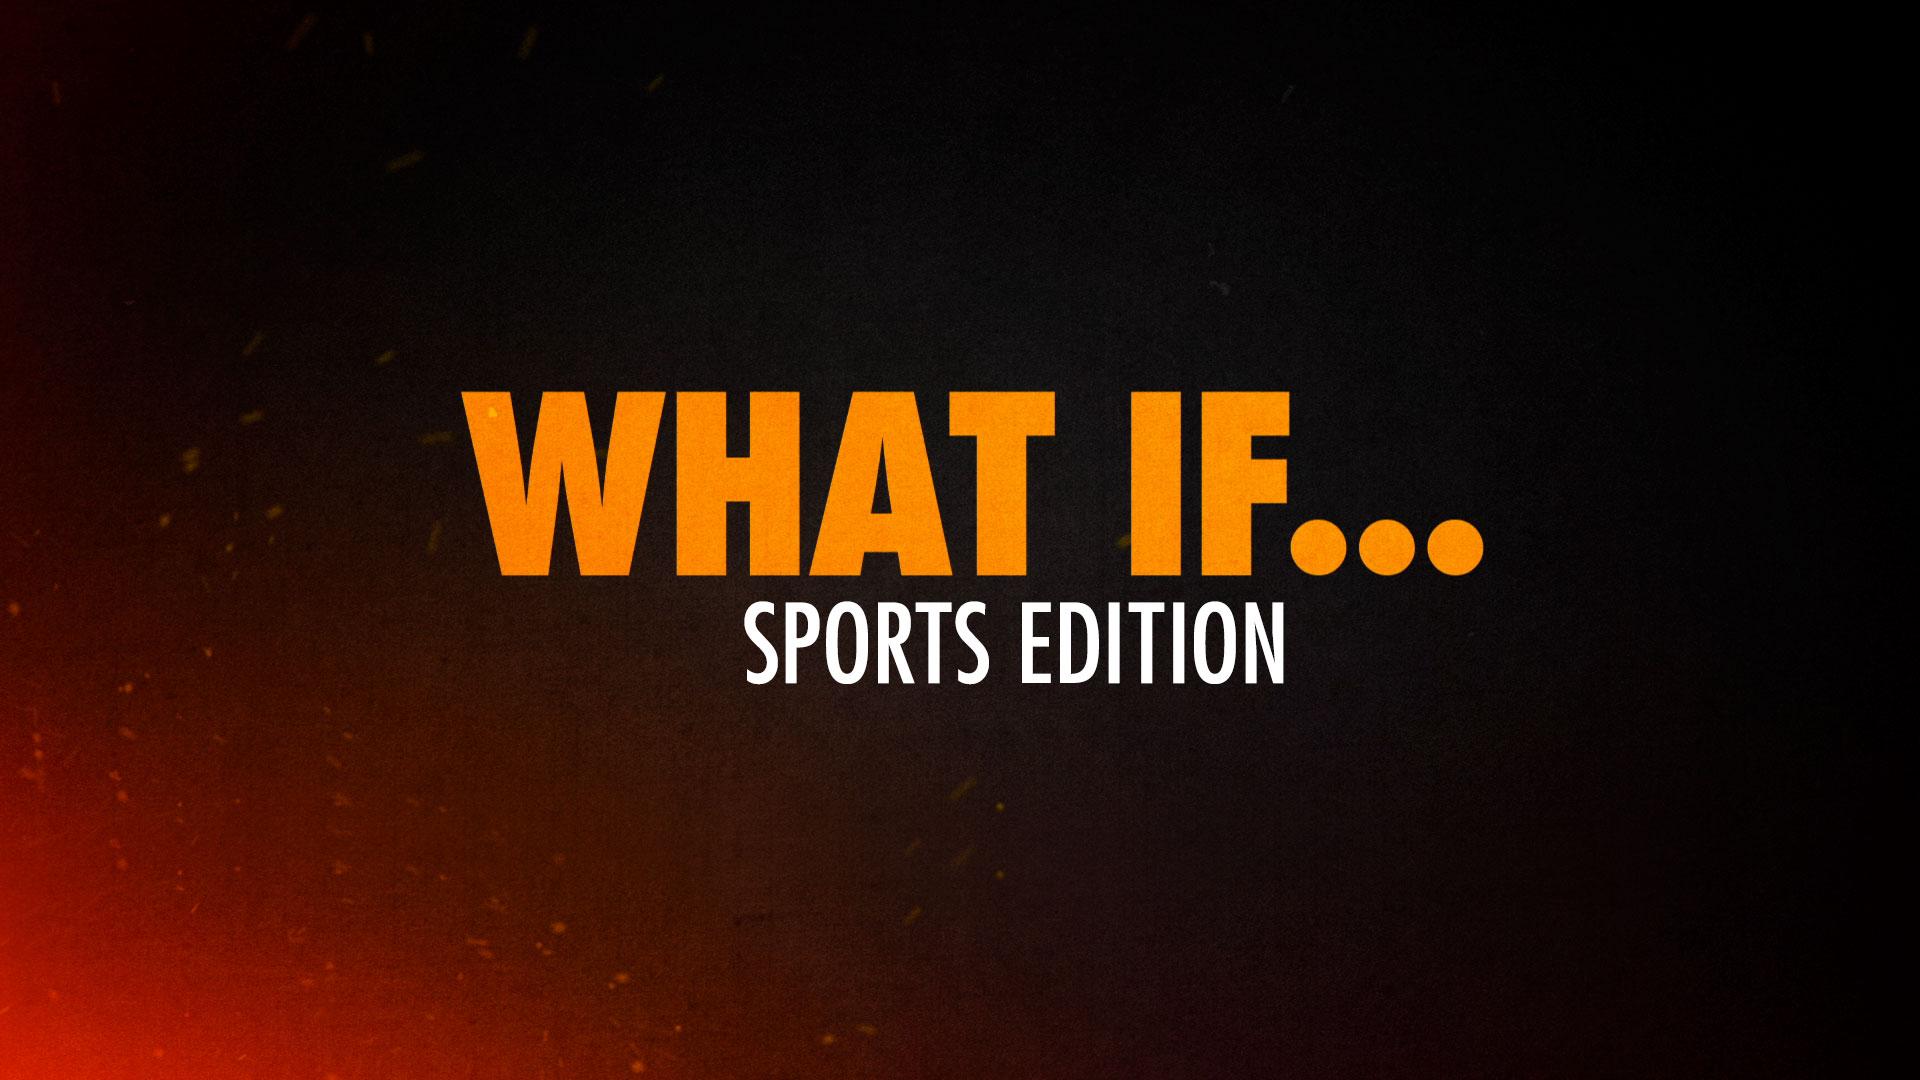 [NFL] Divisional: What if… la simulazione delle partite di domenica